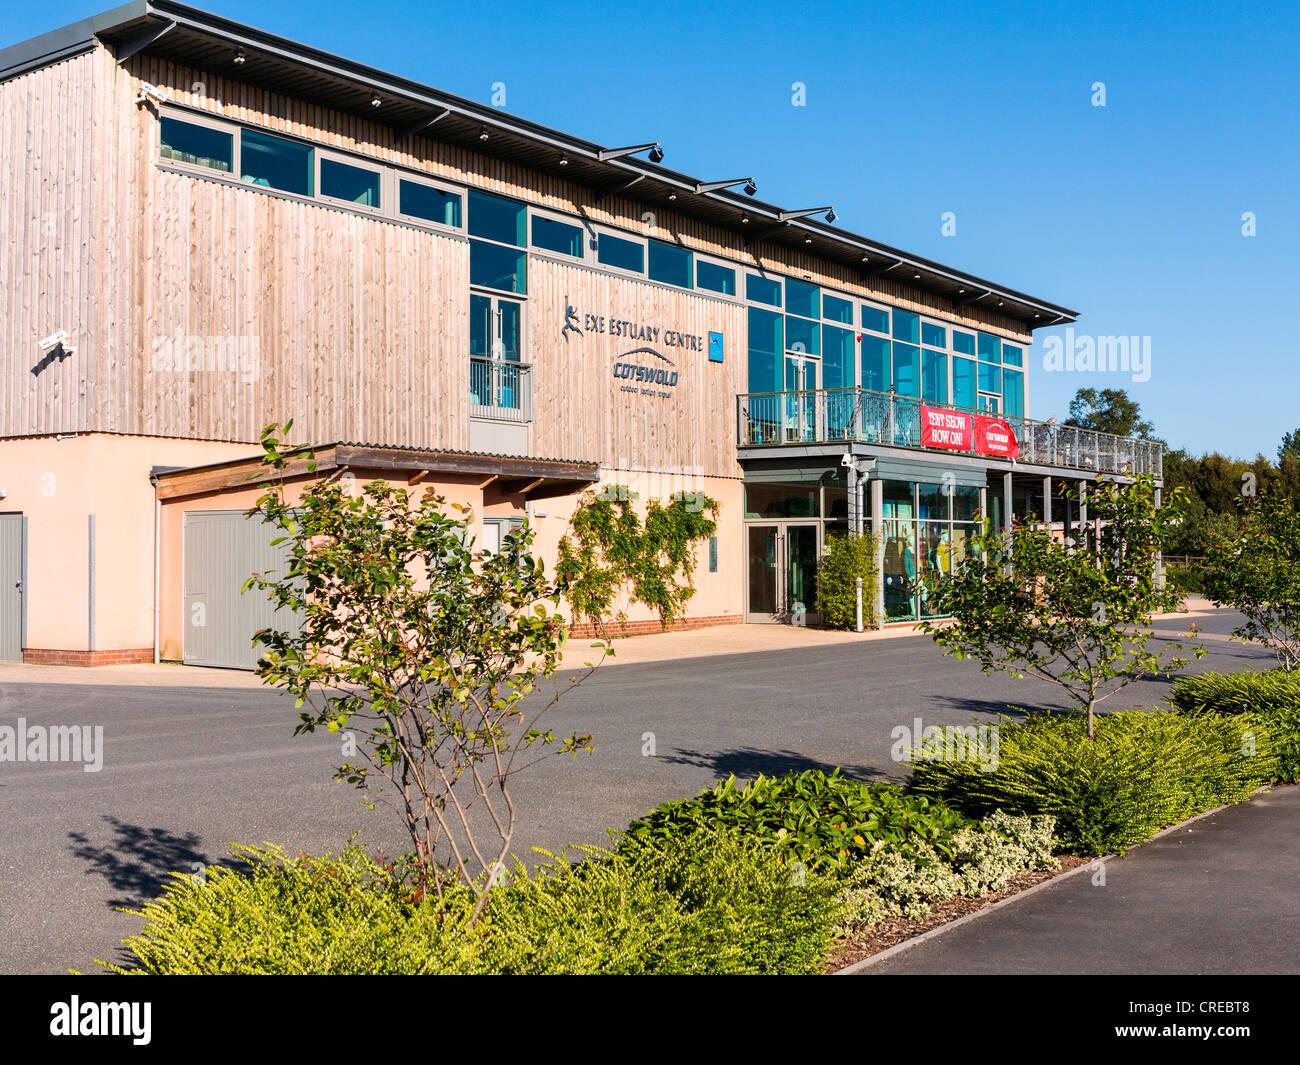 Darts Farm shopping Centre and the Exe Estuary Centre near Topsham, Exeter, Devon, England. Stock Photo